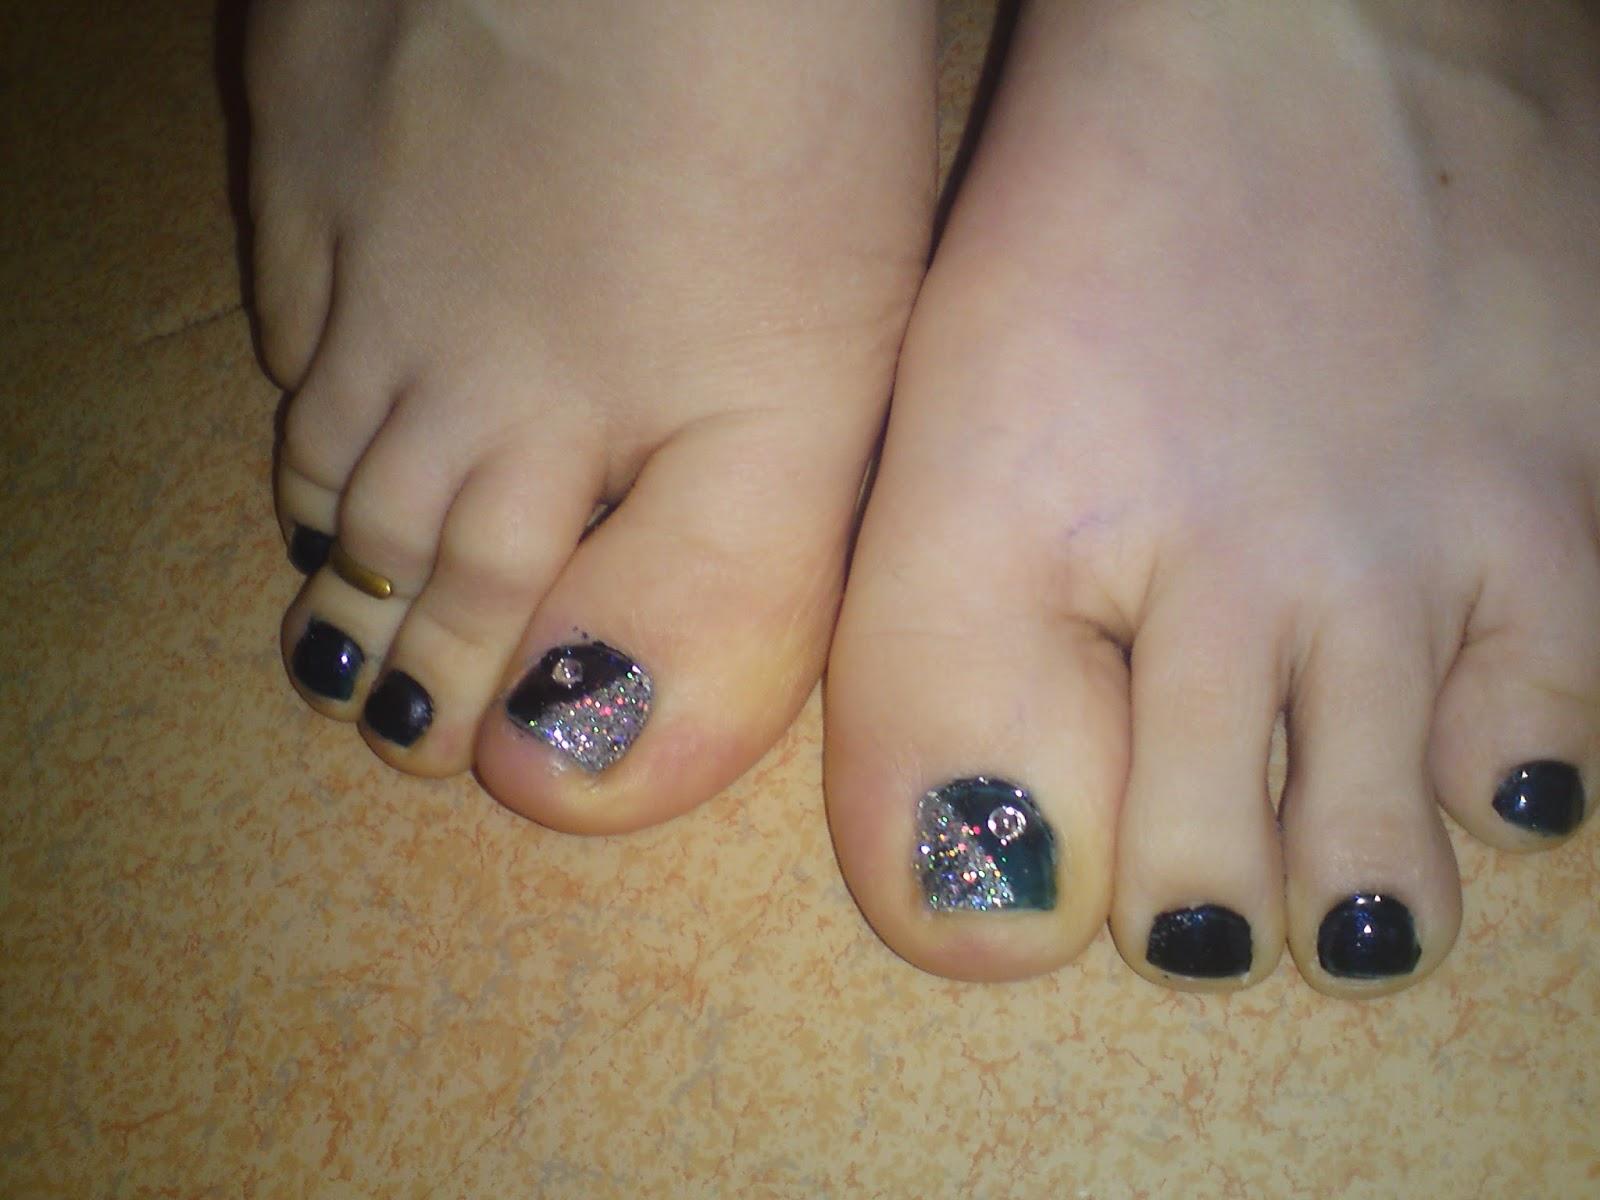 http://lunalithe.blogspot.fr/2011/11/beaute-des-pieds-bleu-et-holo.html